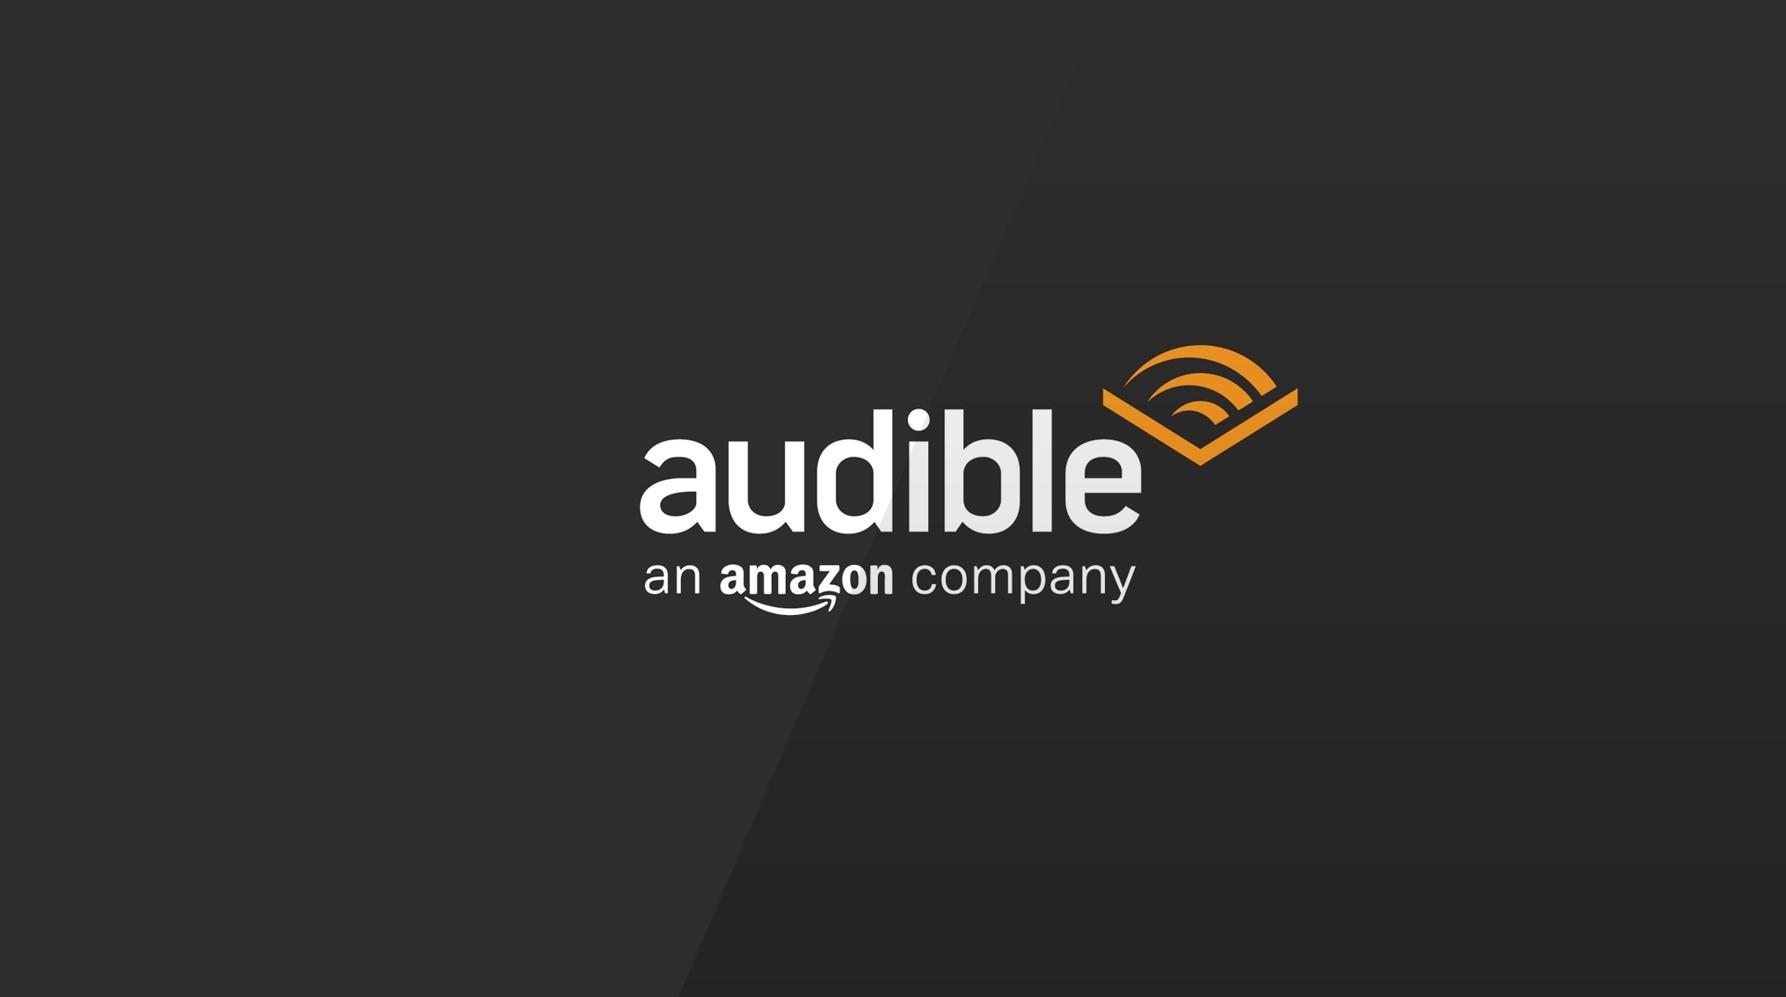 Amazonオーディブルがおすすめな3つの理由